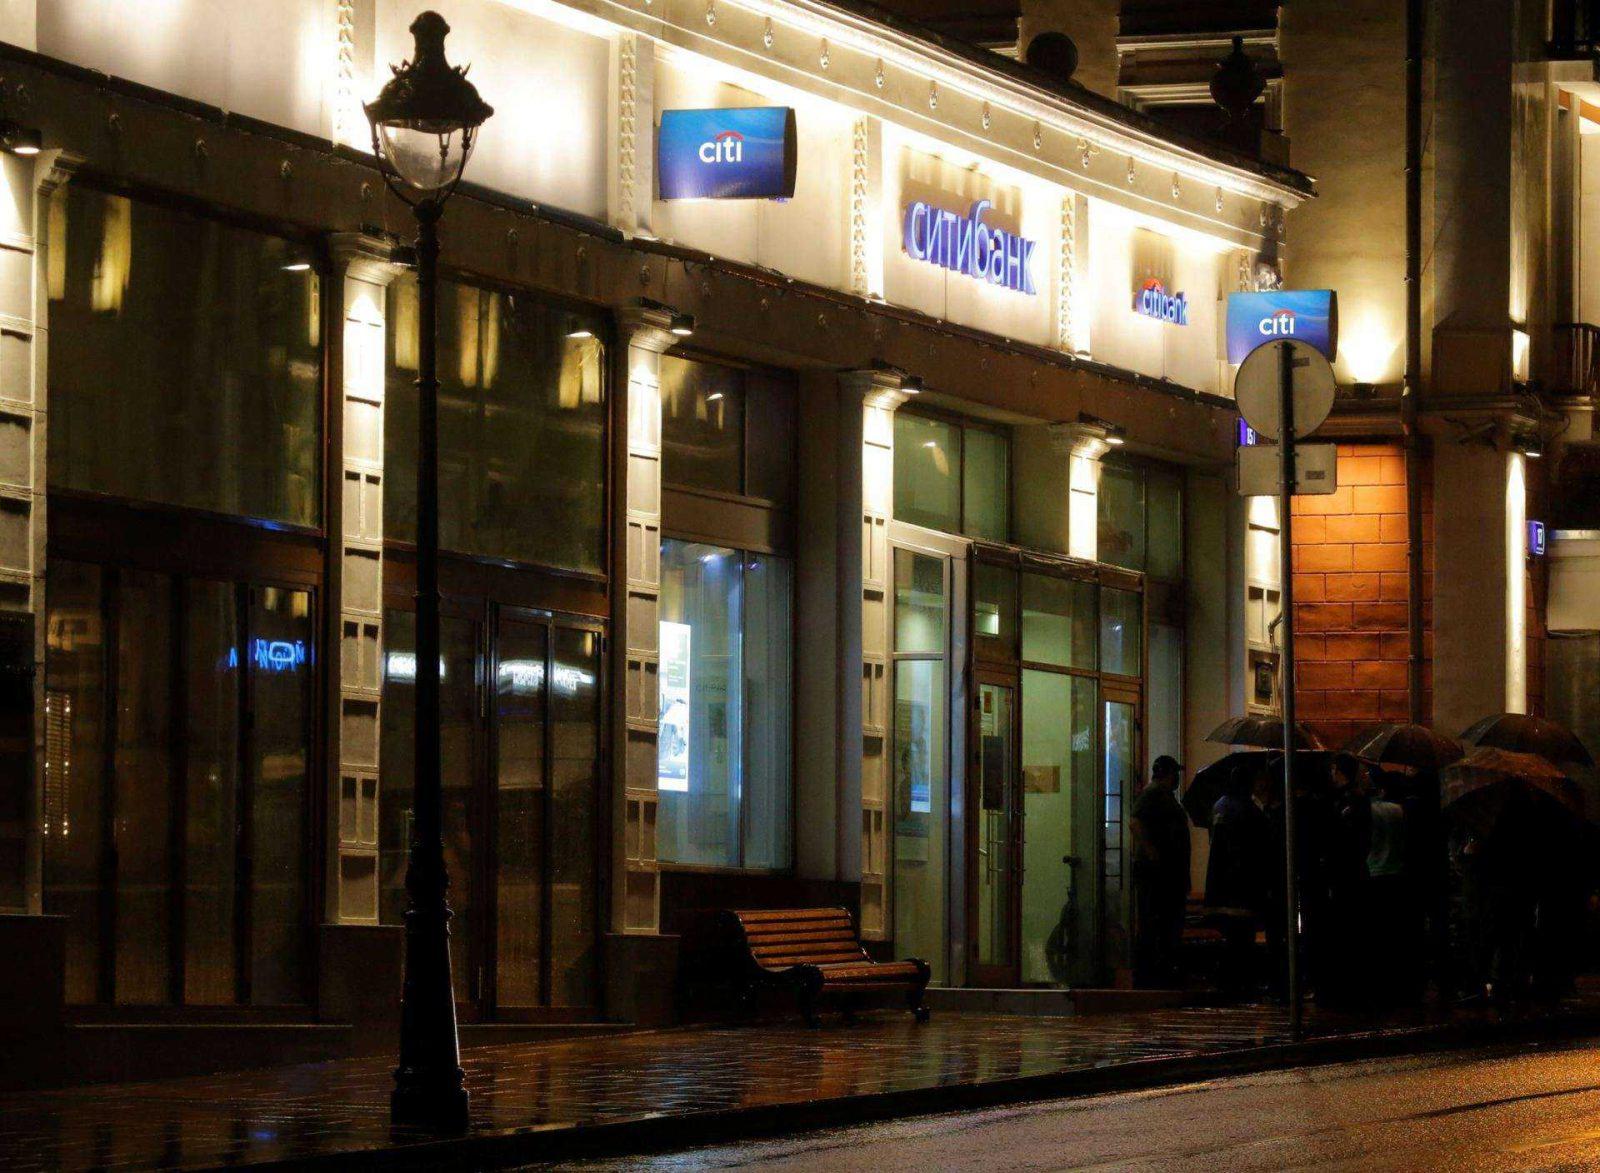 Įkaitų drama Maskvoje baigta: bankrutavęs ir susisprogdinti grasinęs vyras pasidavė